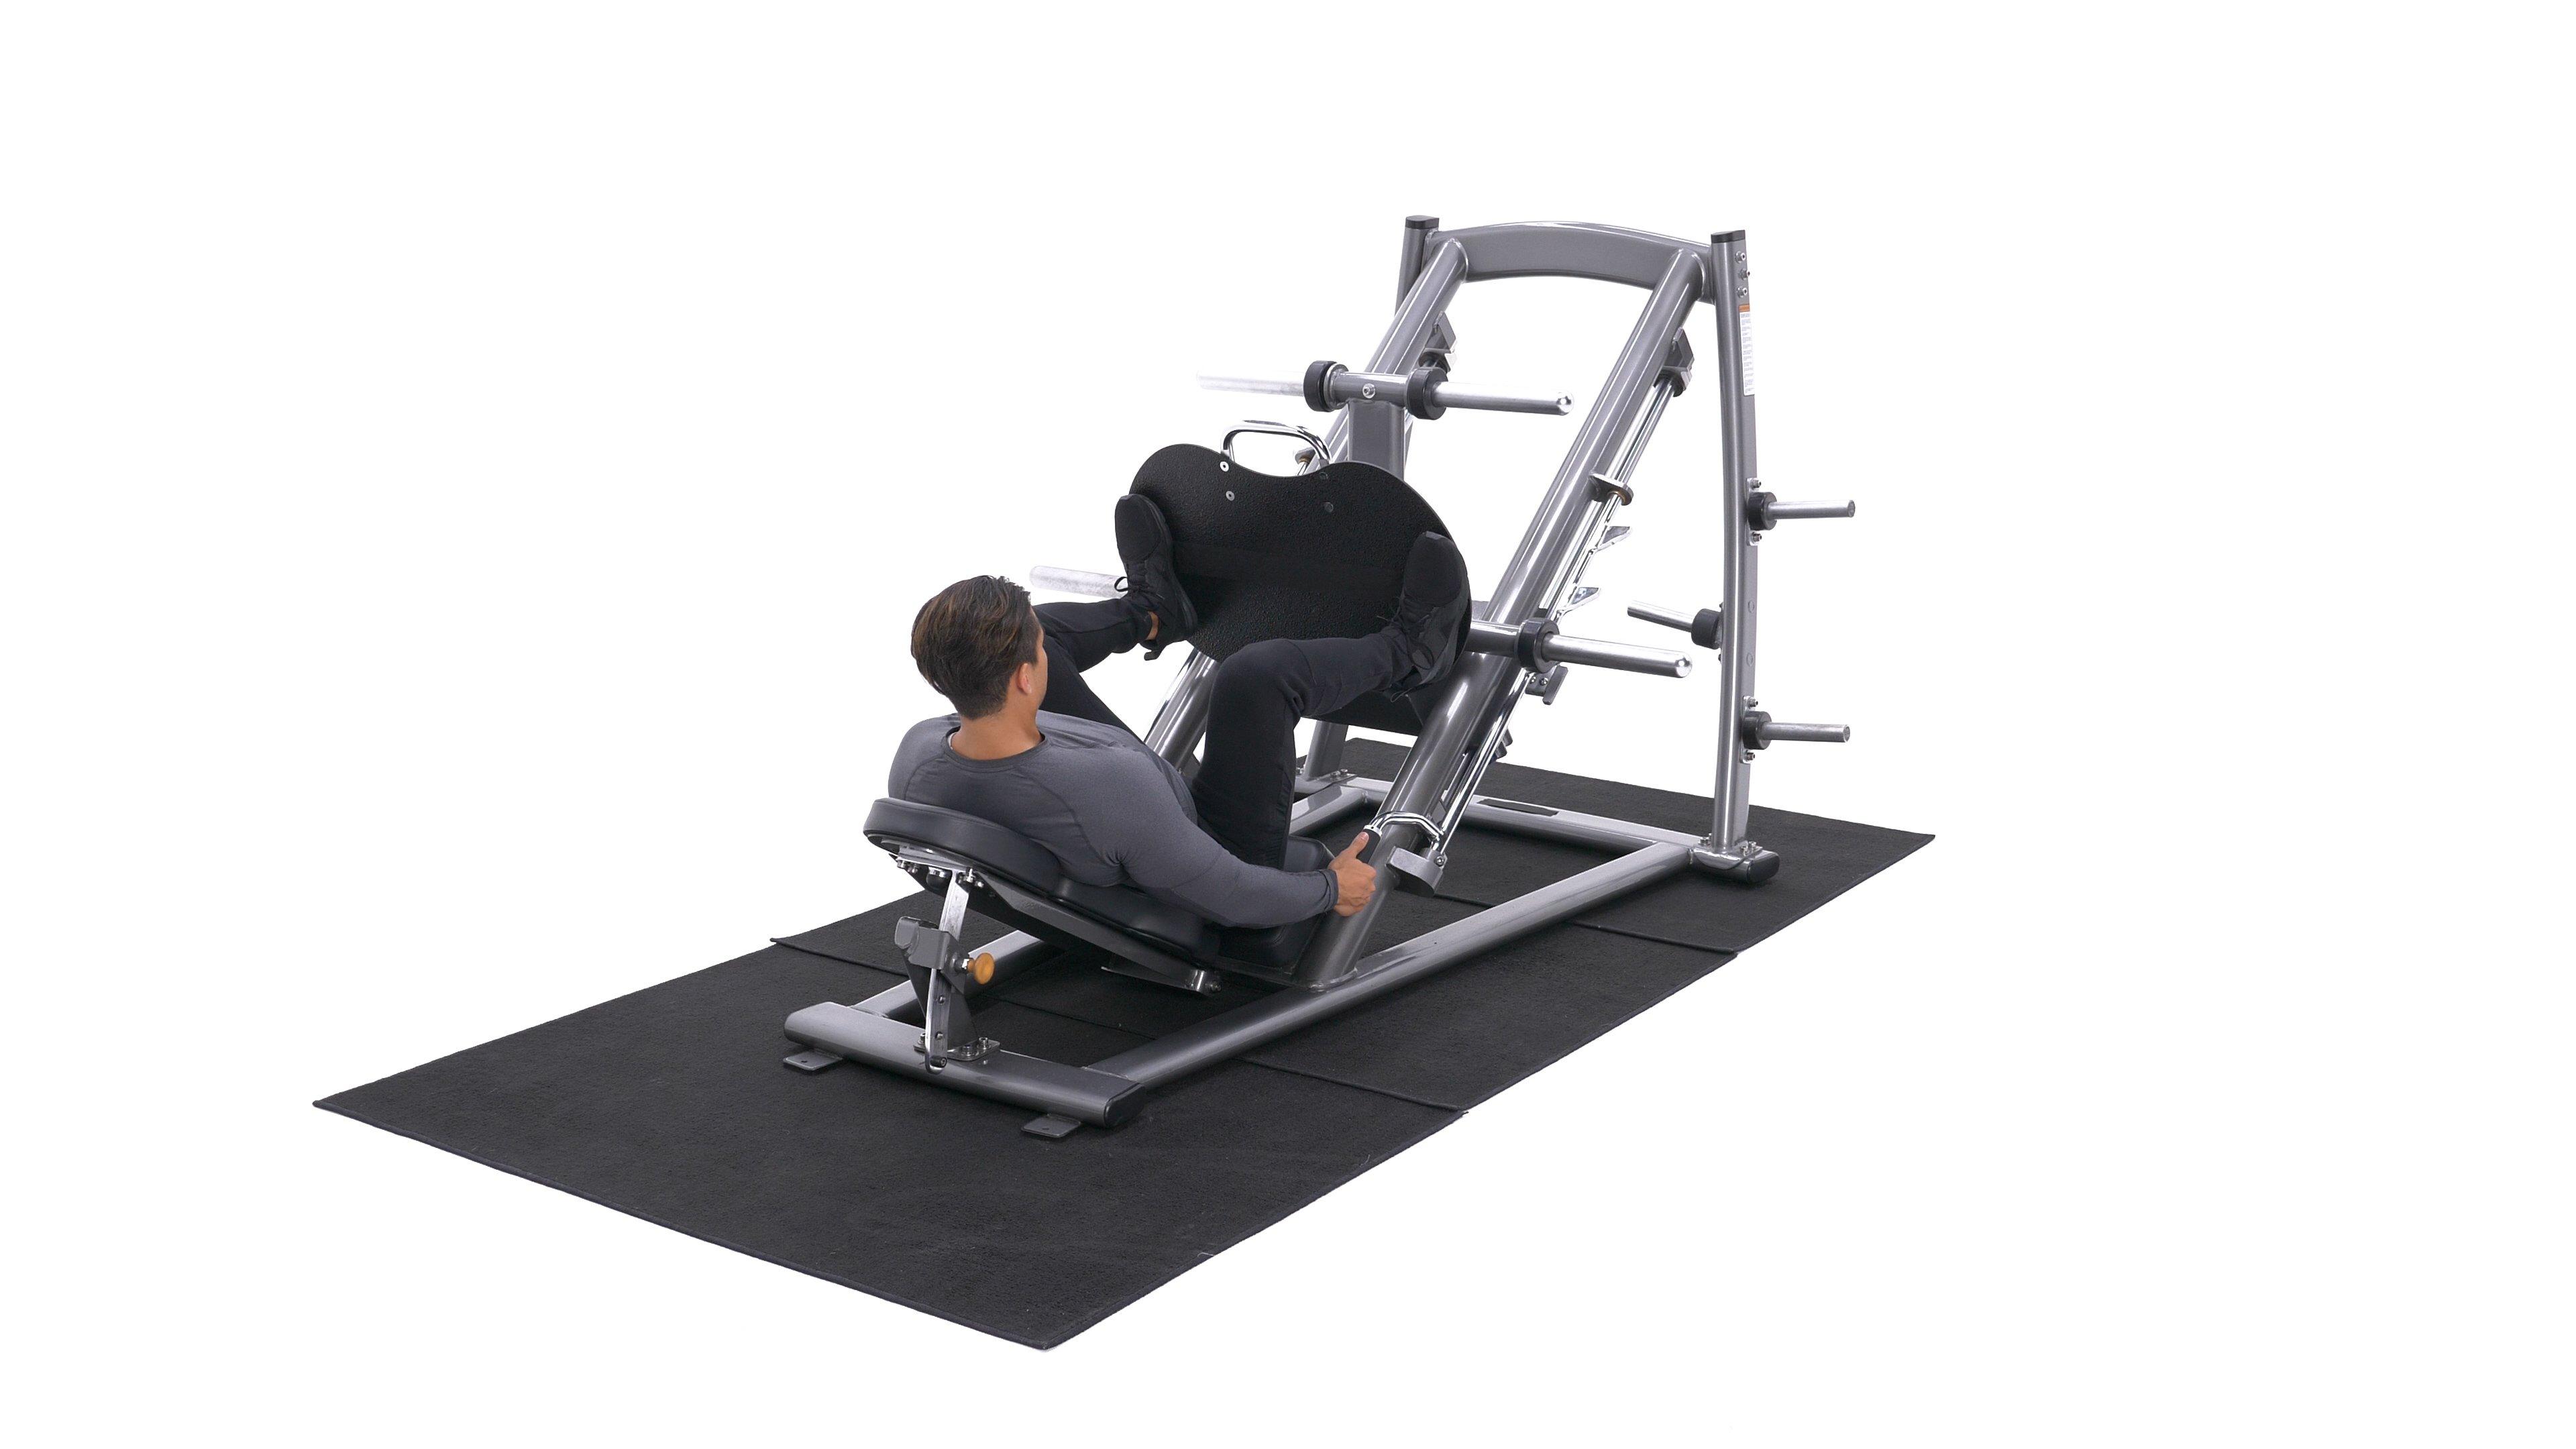 Narrow-stance leg press image